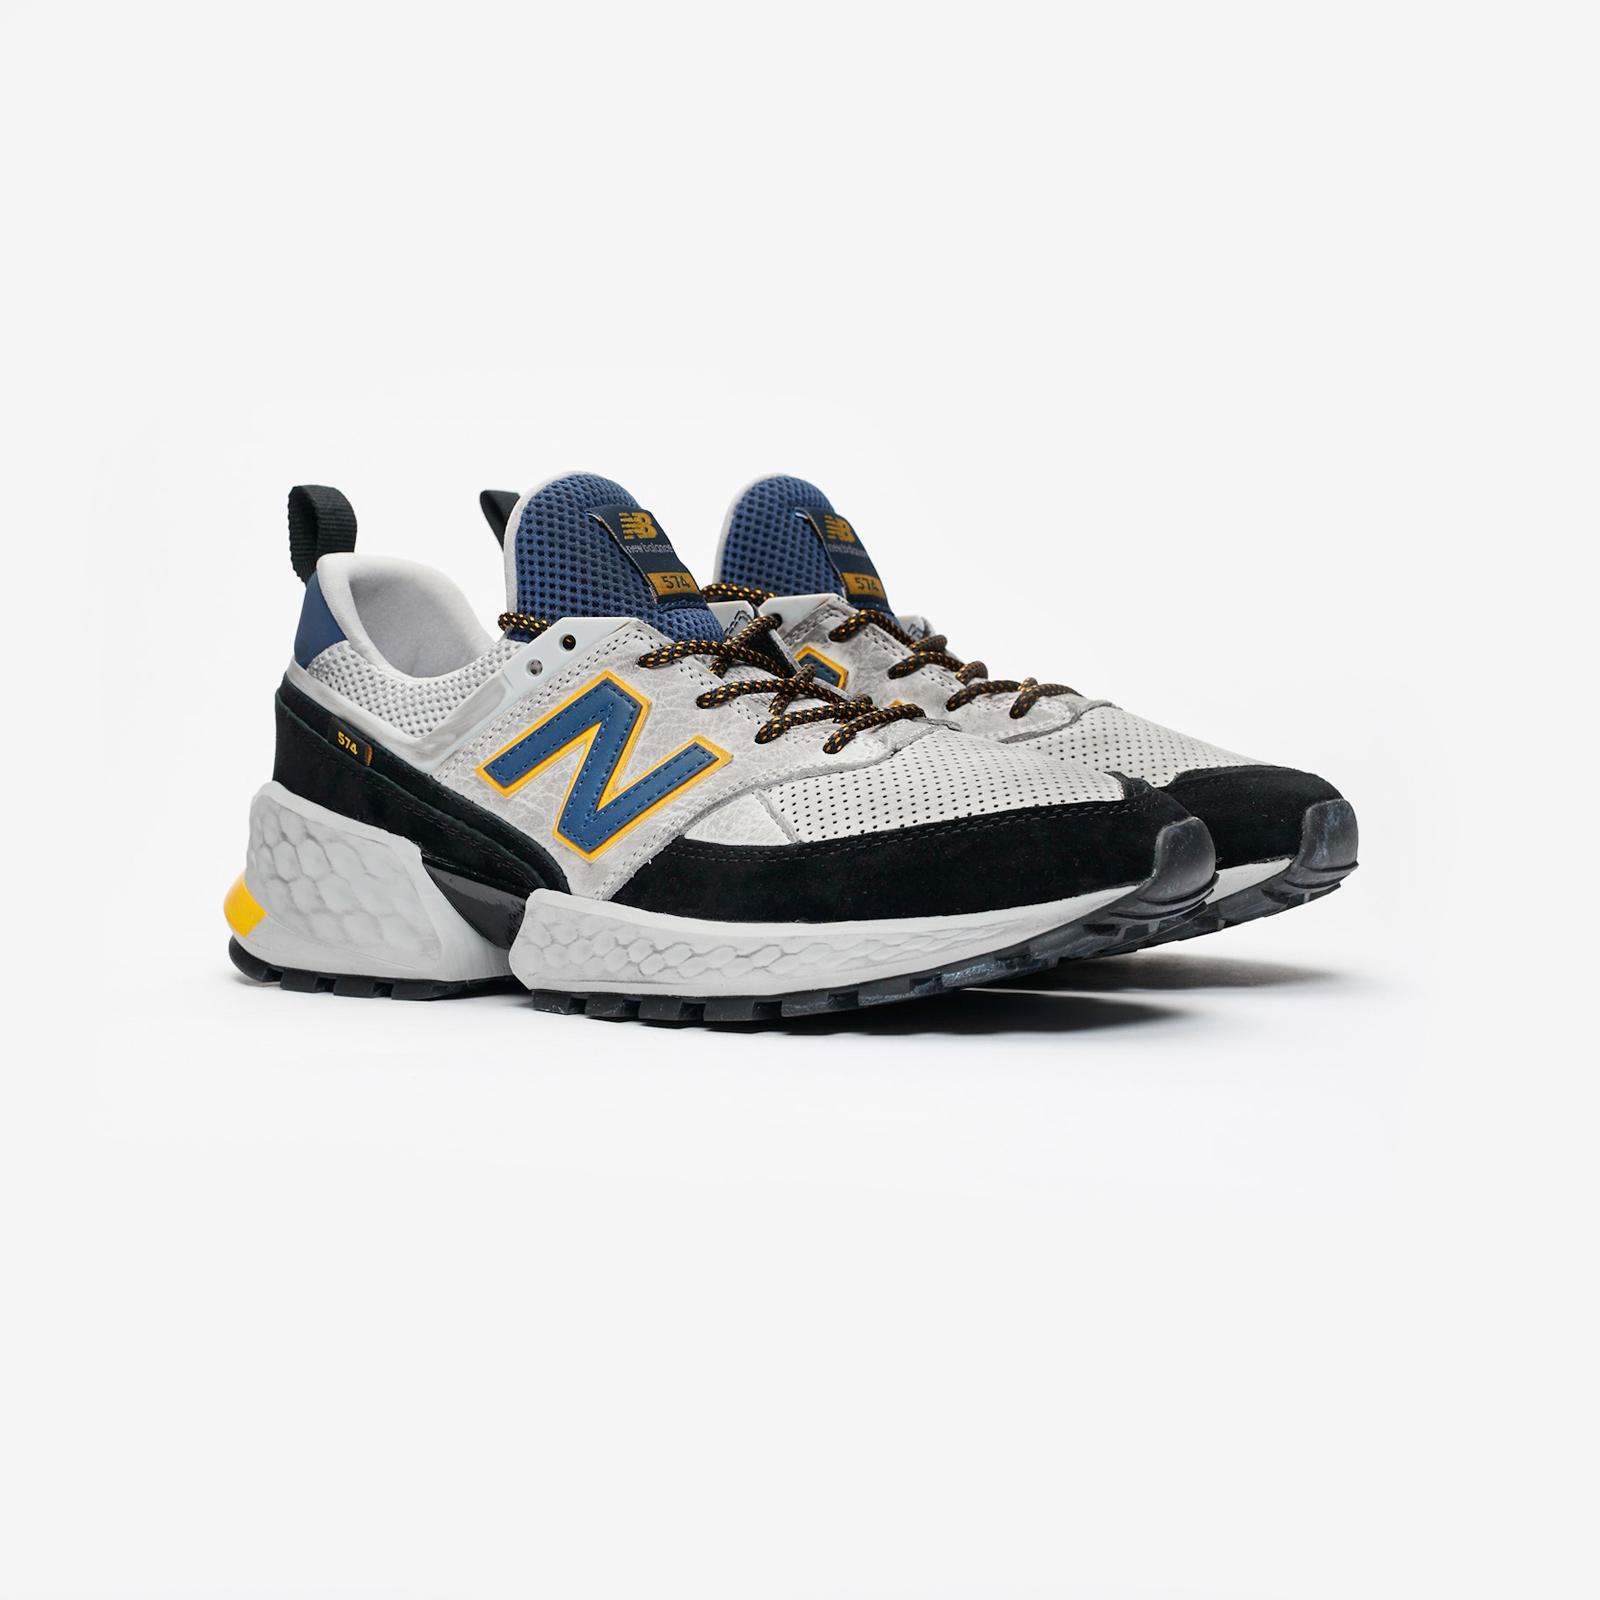 b318afb003b New Balance MS574 - Ms574vd - Sneakersnstuff